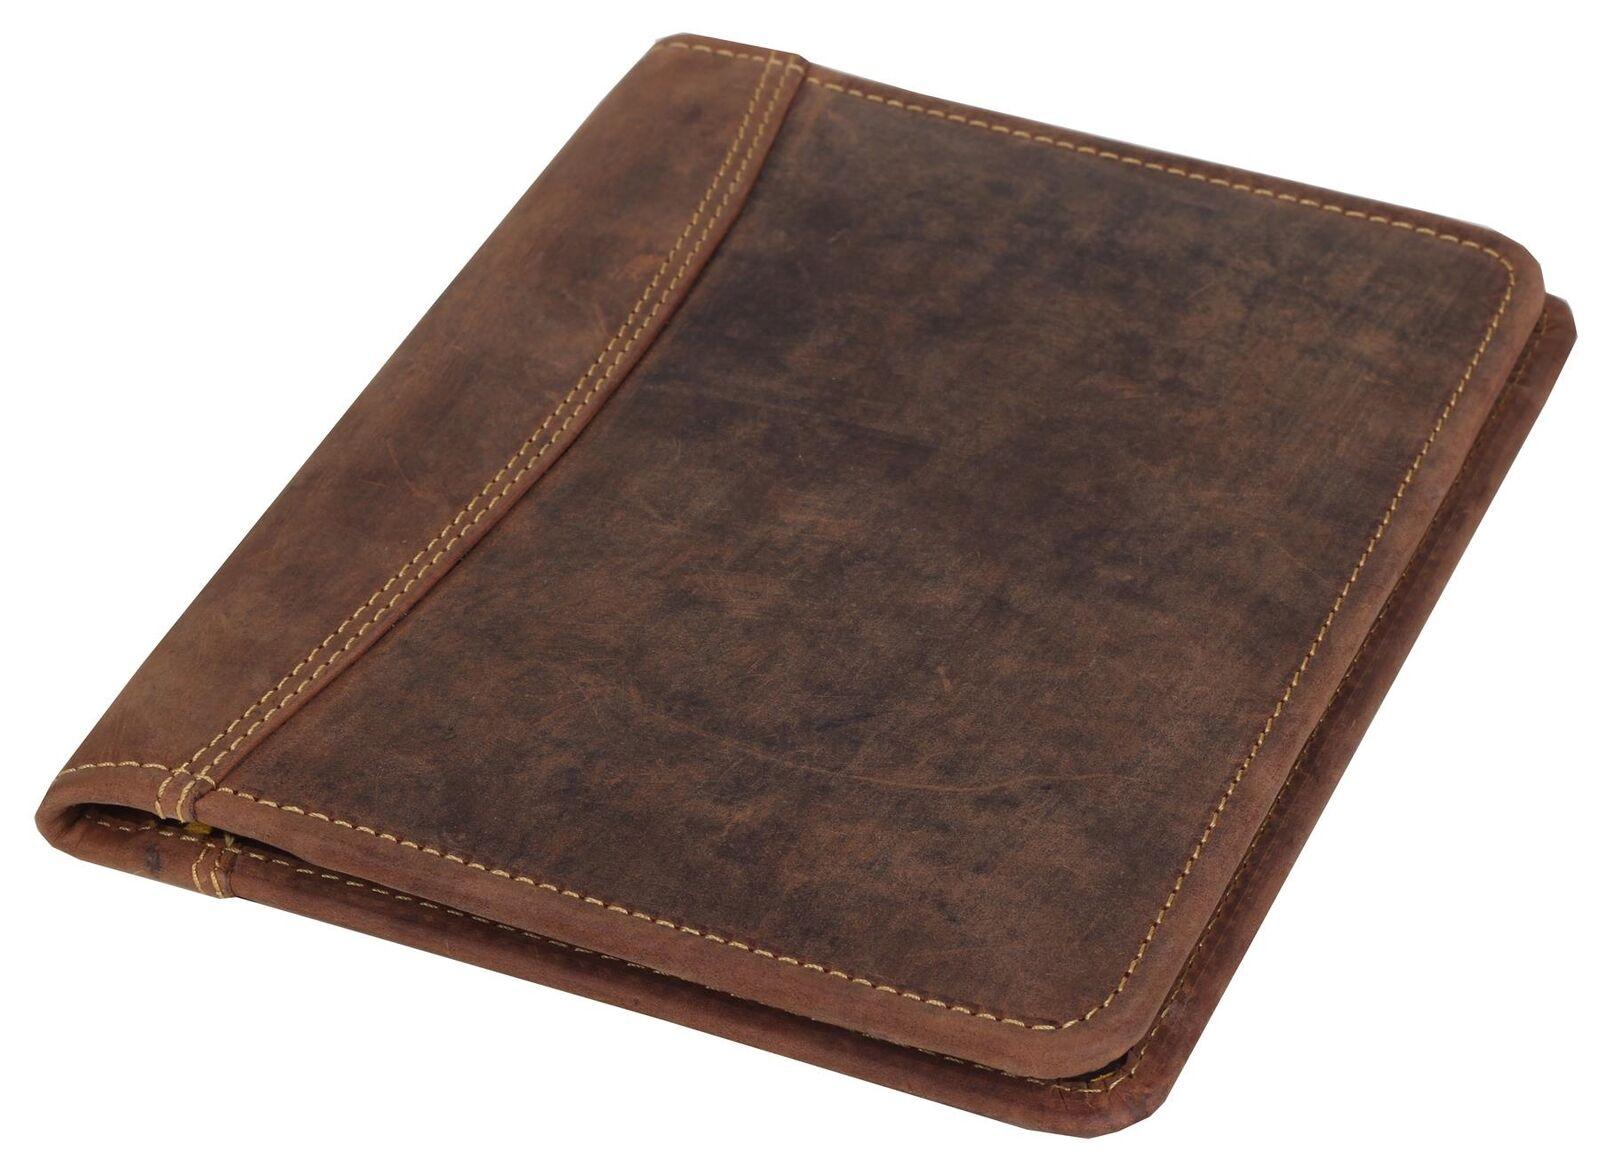 Grünburry Vintage Schreibmappe Konferenzmappe Ledermappe Grünretermappe A5 | Moderate Kosten  | Lass unsere Waren in die Welt gehen  | Erste in seiner Klasse